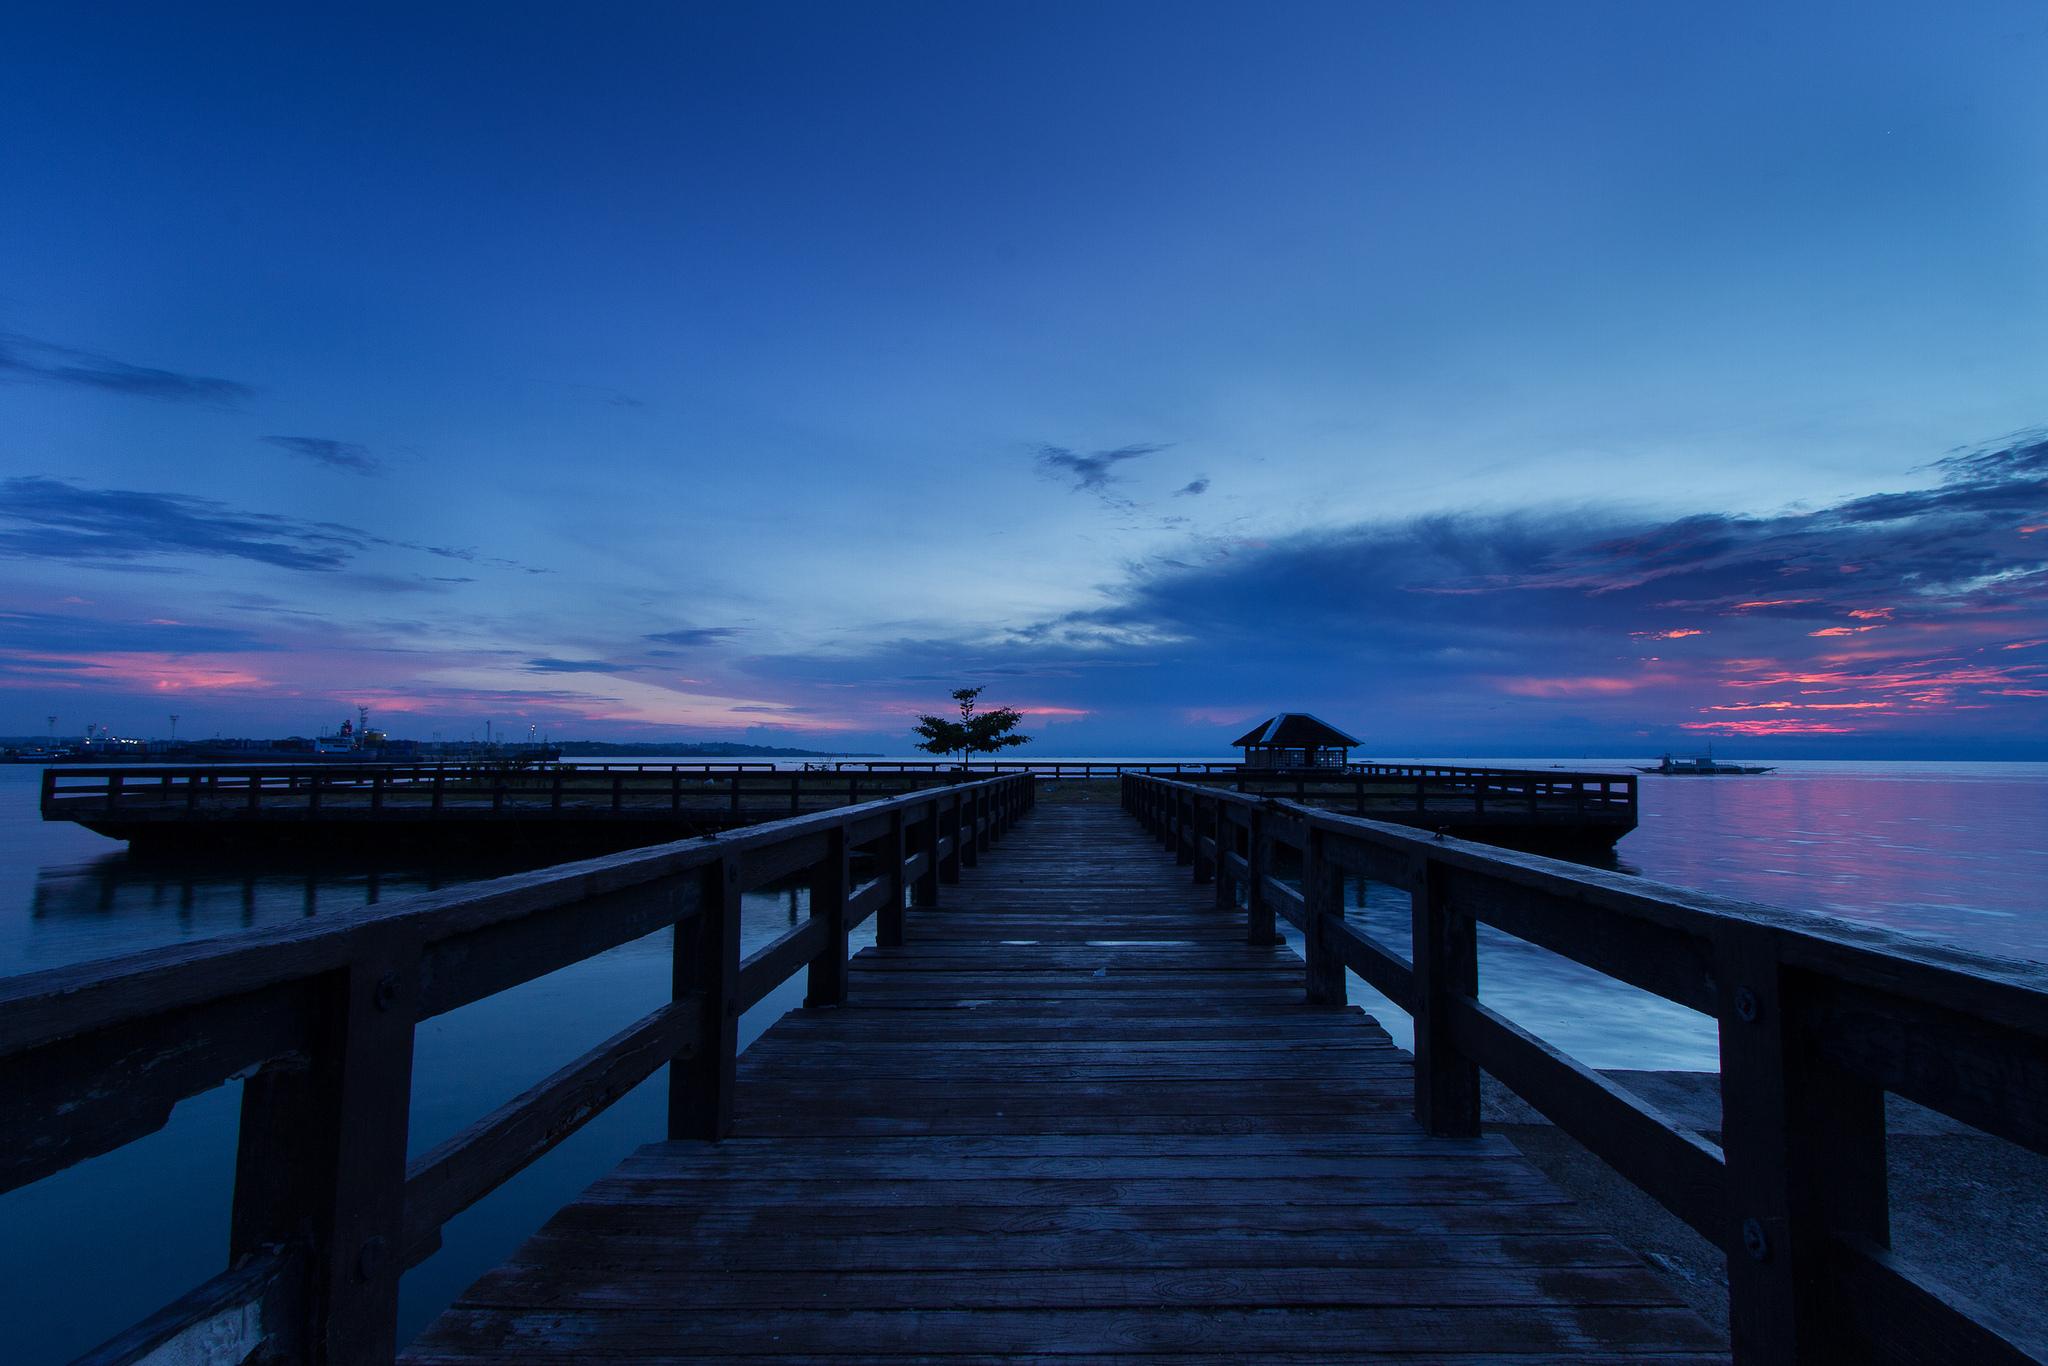 мост фонари море небо  № 3388161 без смс